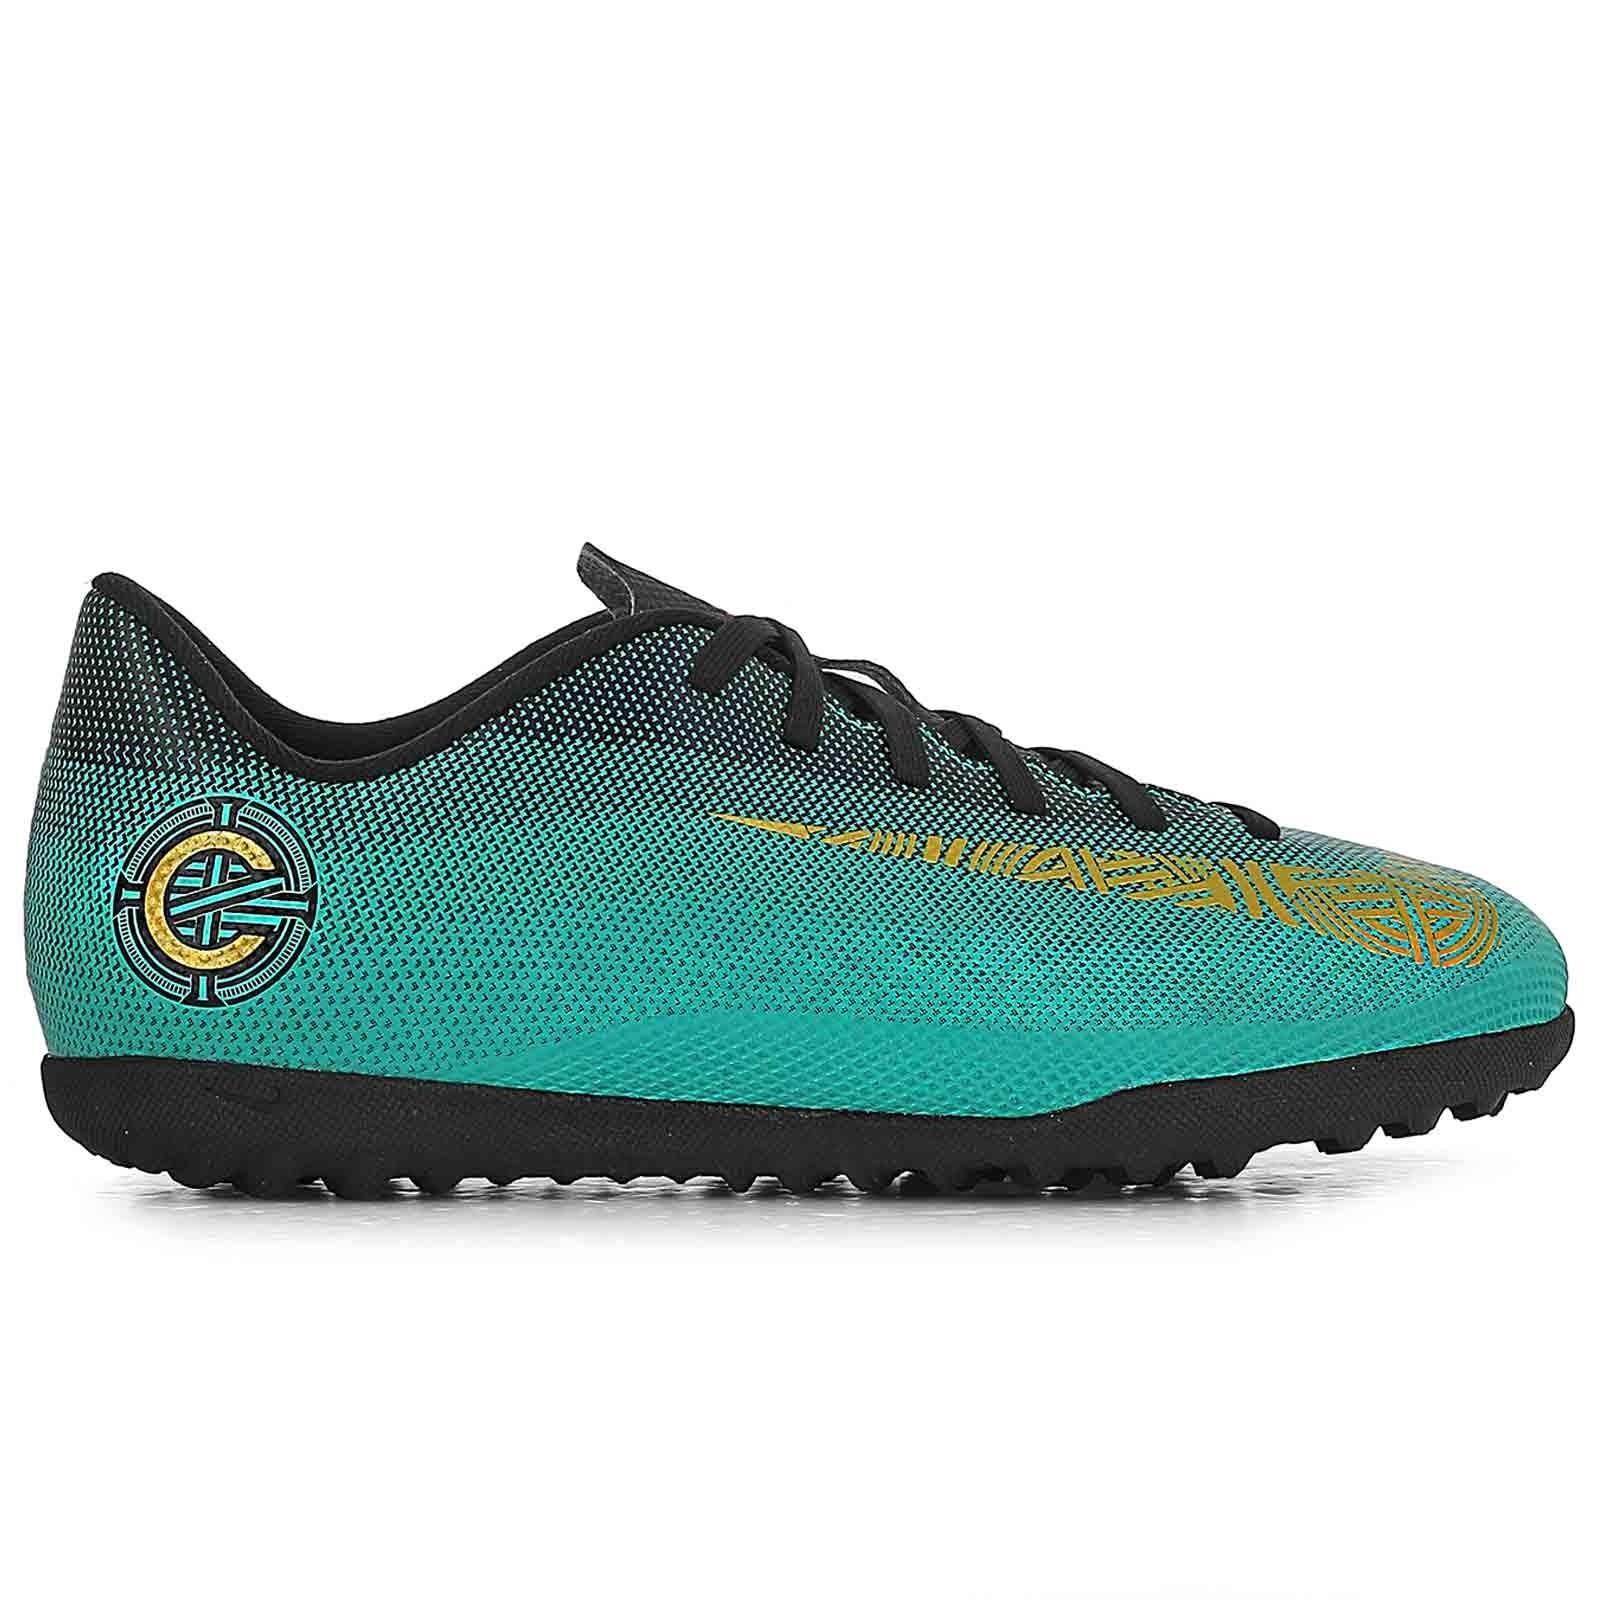 Alicia en cualquier momento Azul  marca faimoasa magazin de vânzare furnizor oficial botas de futbol sala cr7  - latino-vibes.ro